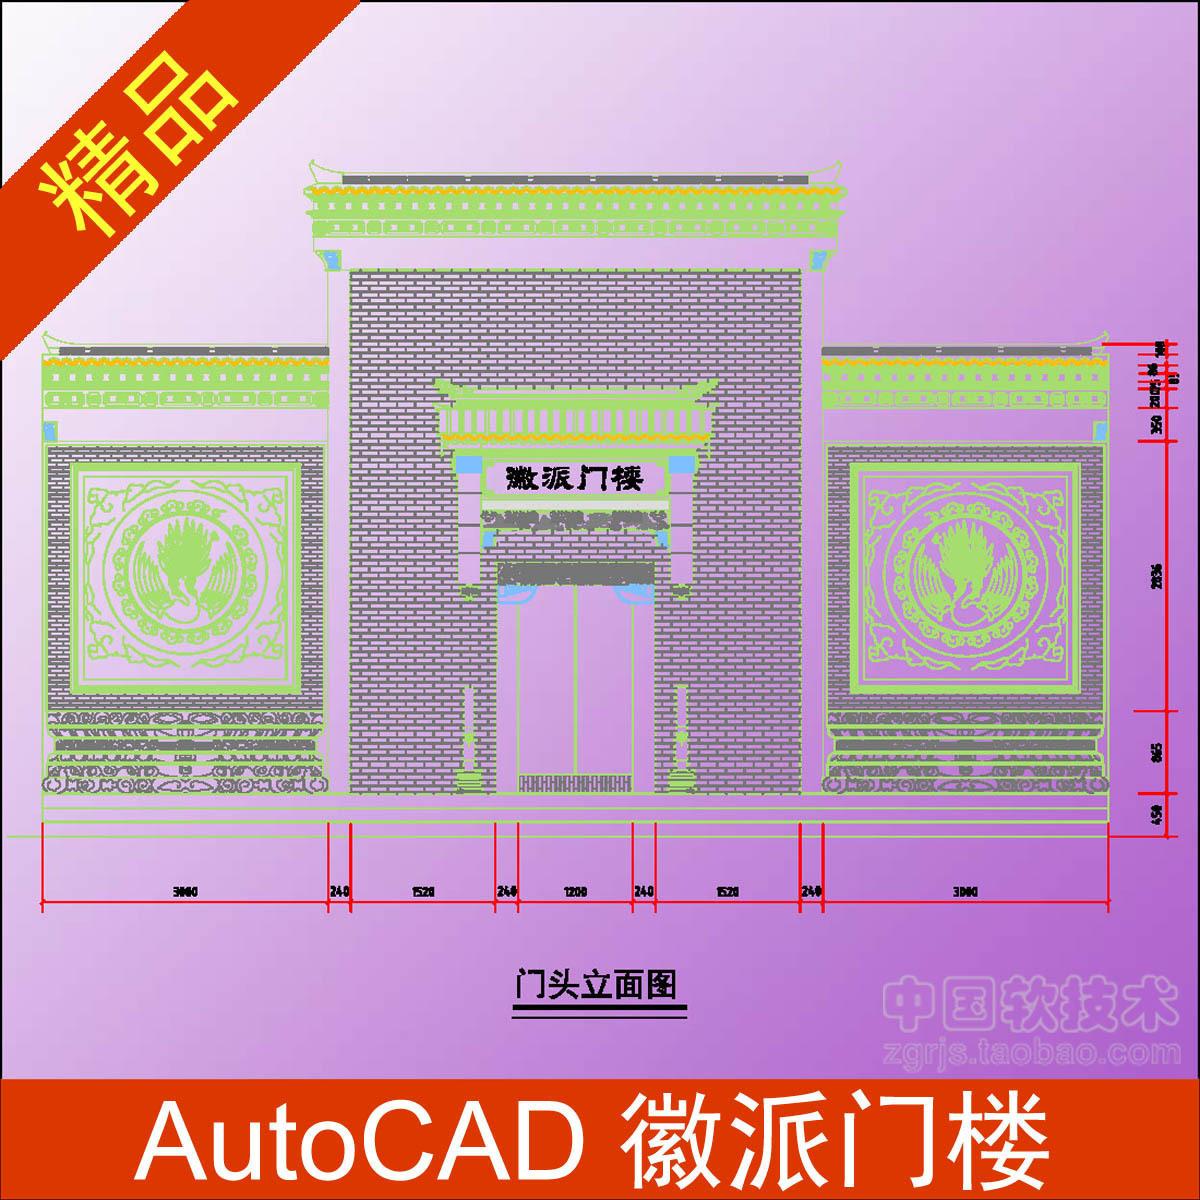 学园仿古图纸建筑CAD徽派/中国徽派建筑(网传柯萝伊门楼崩坏图纸图片